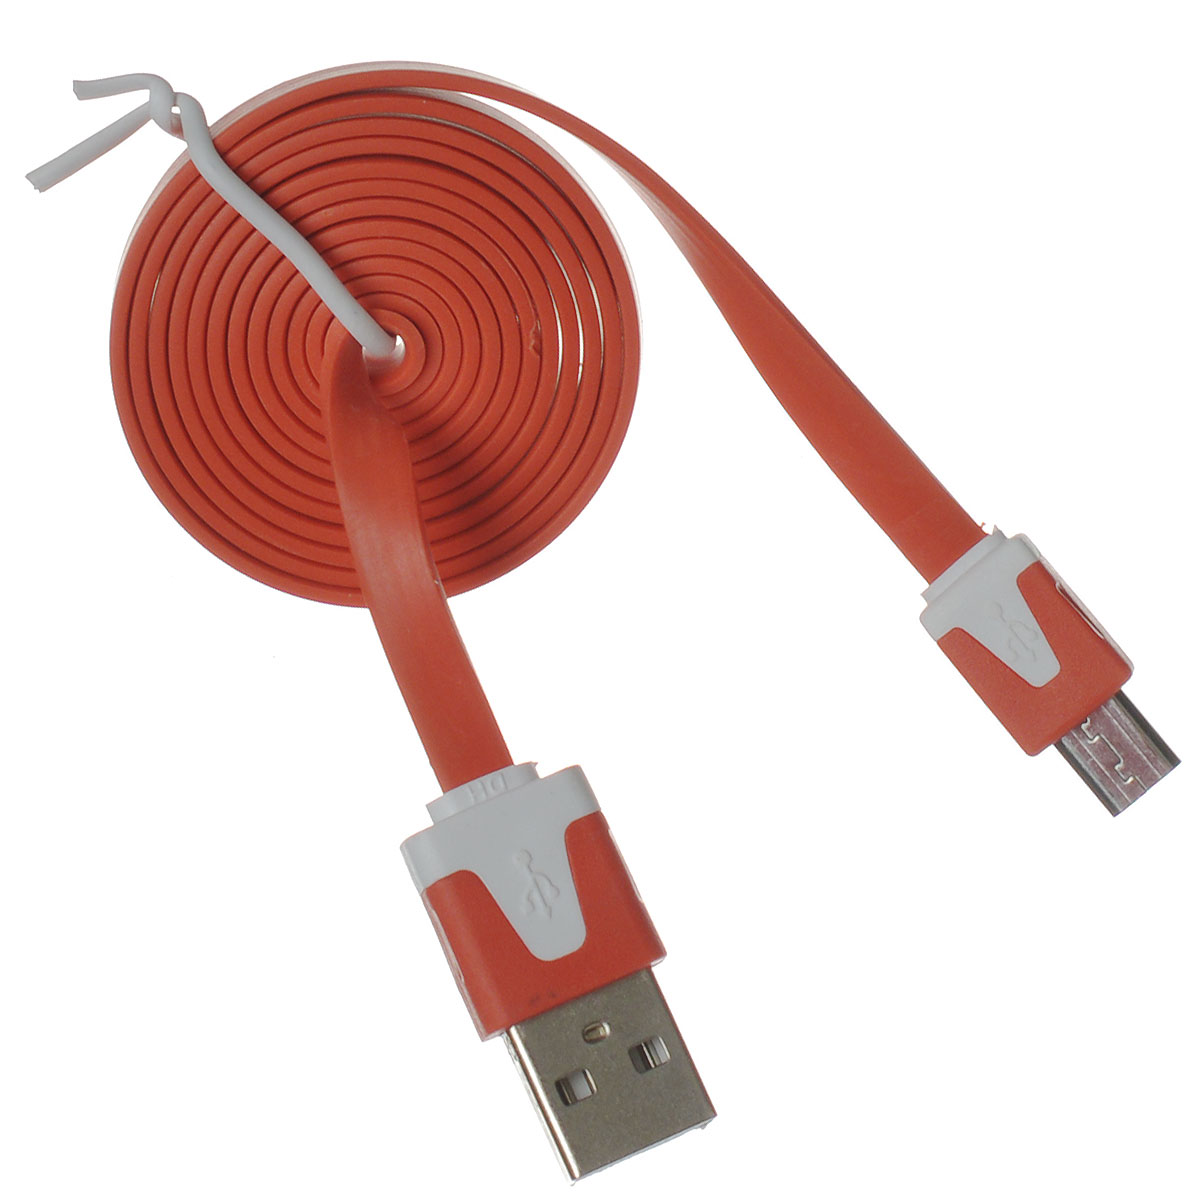 Liberty Project Micro-USB дата-кабель плоский узкий, OrangeSM000323Кабель Liberty Project Micro-USB предназначен для передачи данных с вашего устройства на персональный компьютер, а также зарядки от источников питания с USB выходом. Длина кабеля: 1 метр.